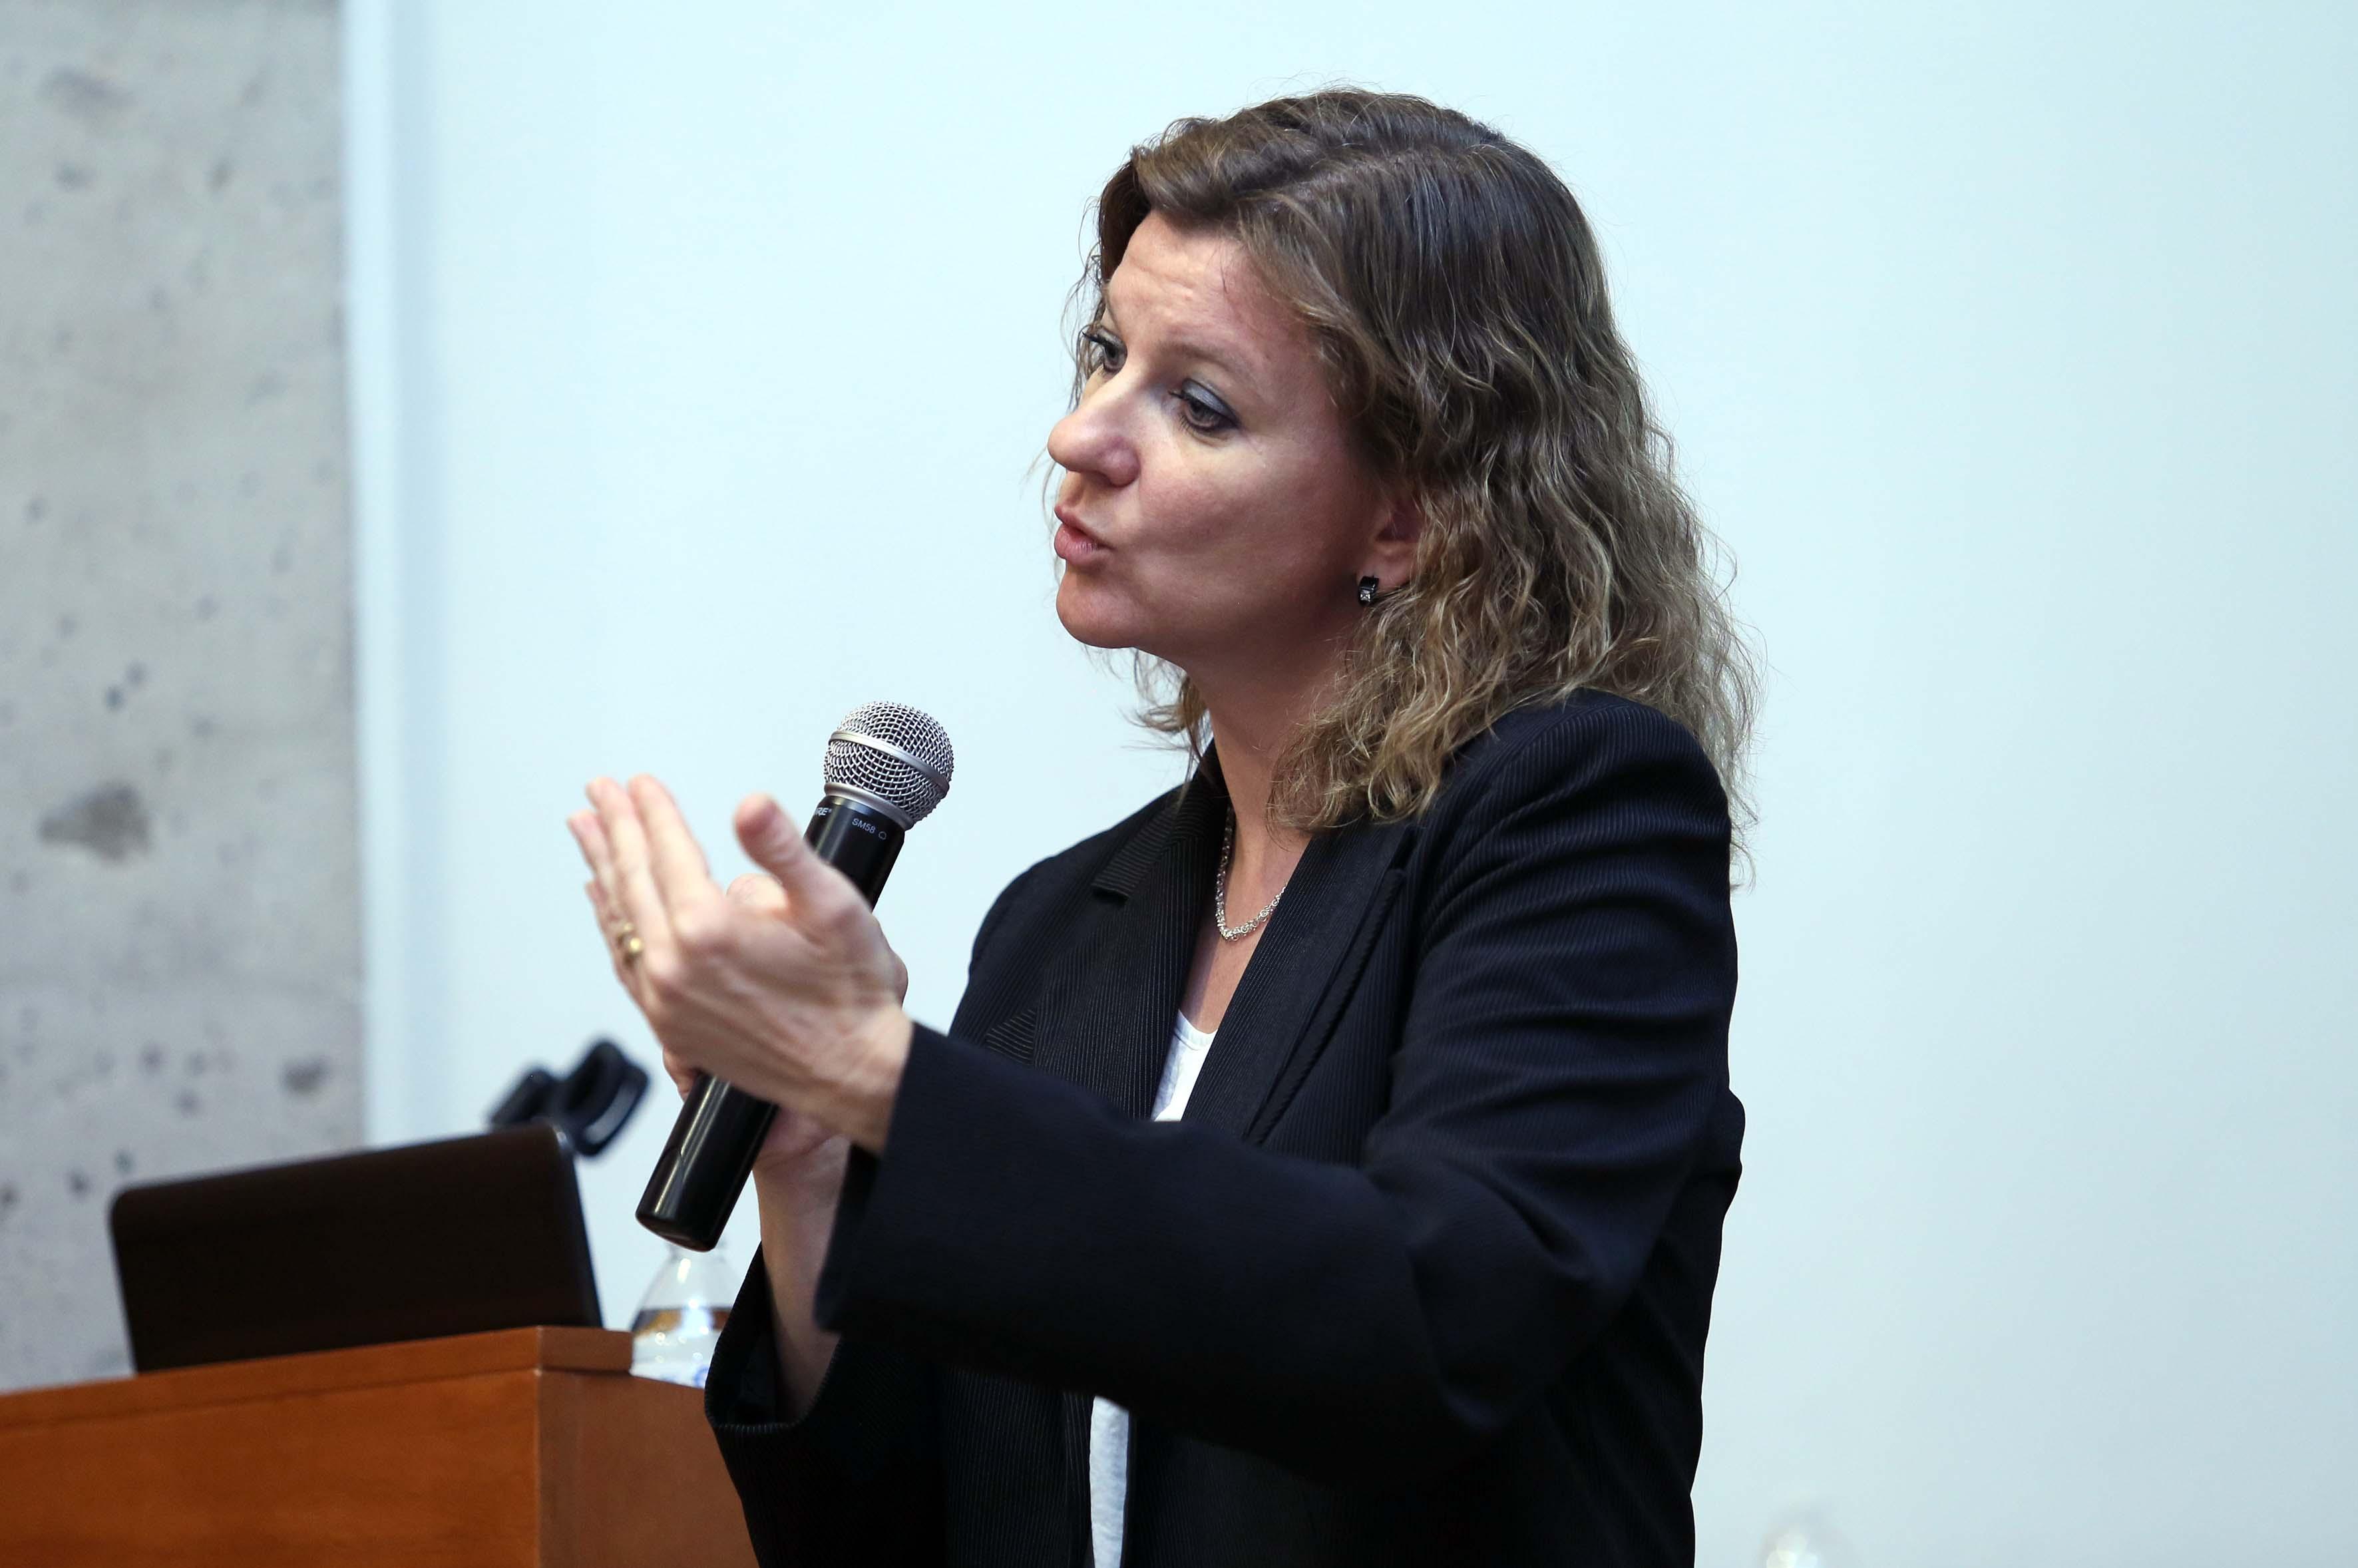 Doctora Olga Inozemtseva, haciendo uso de la palabra